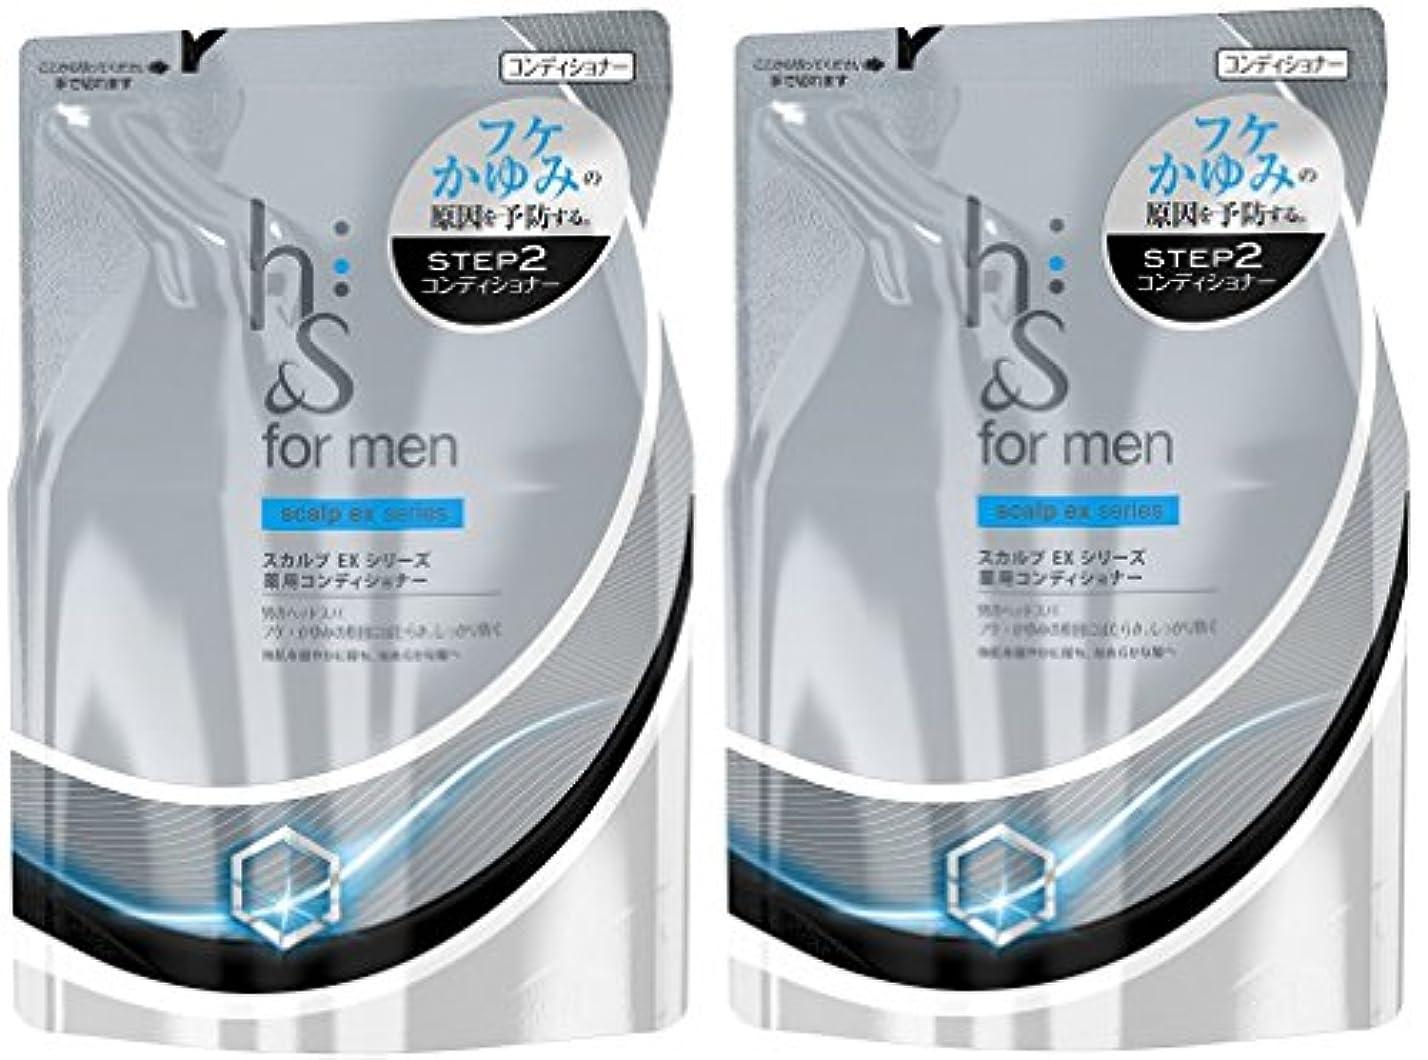 成熟スペインアフリカ【2個セット】h&s for men コンディショナー スカルプEX 詰め替え 340g×2